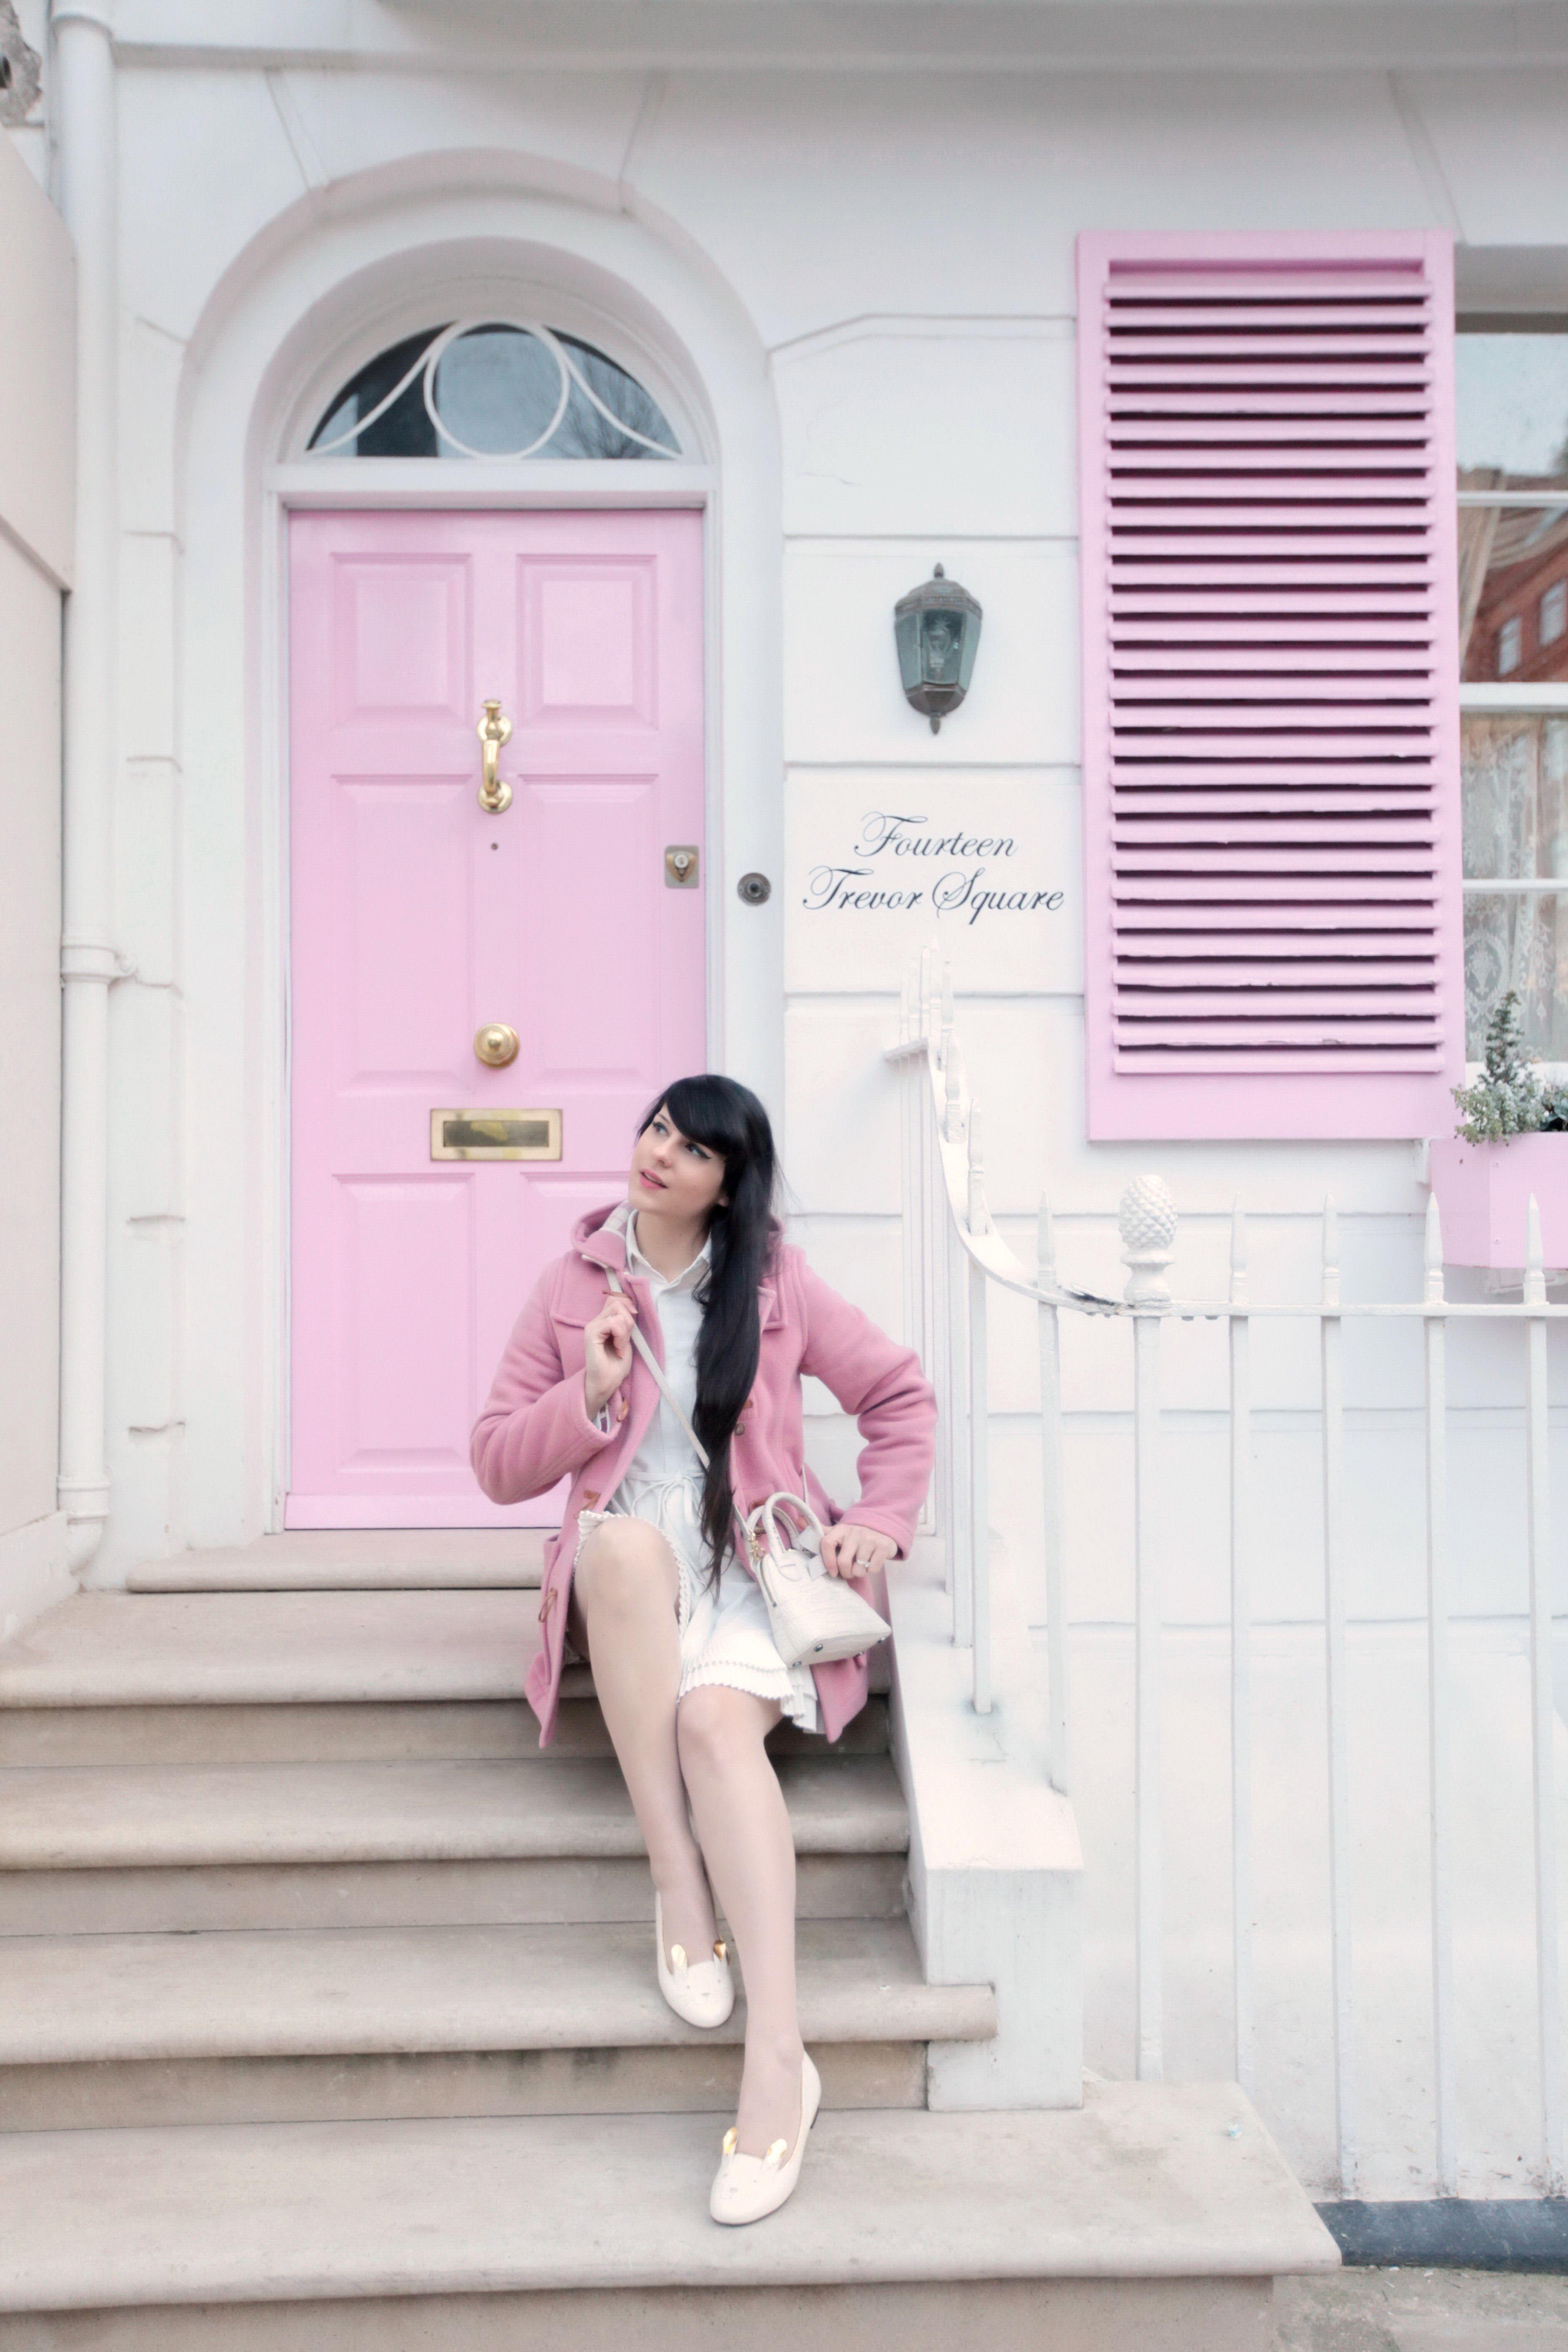 London pink door